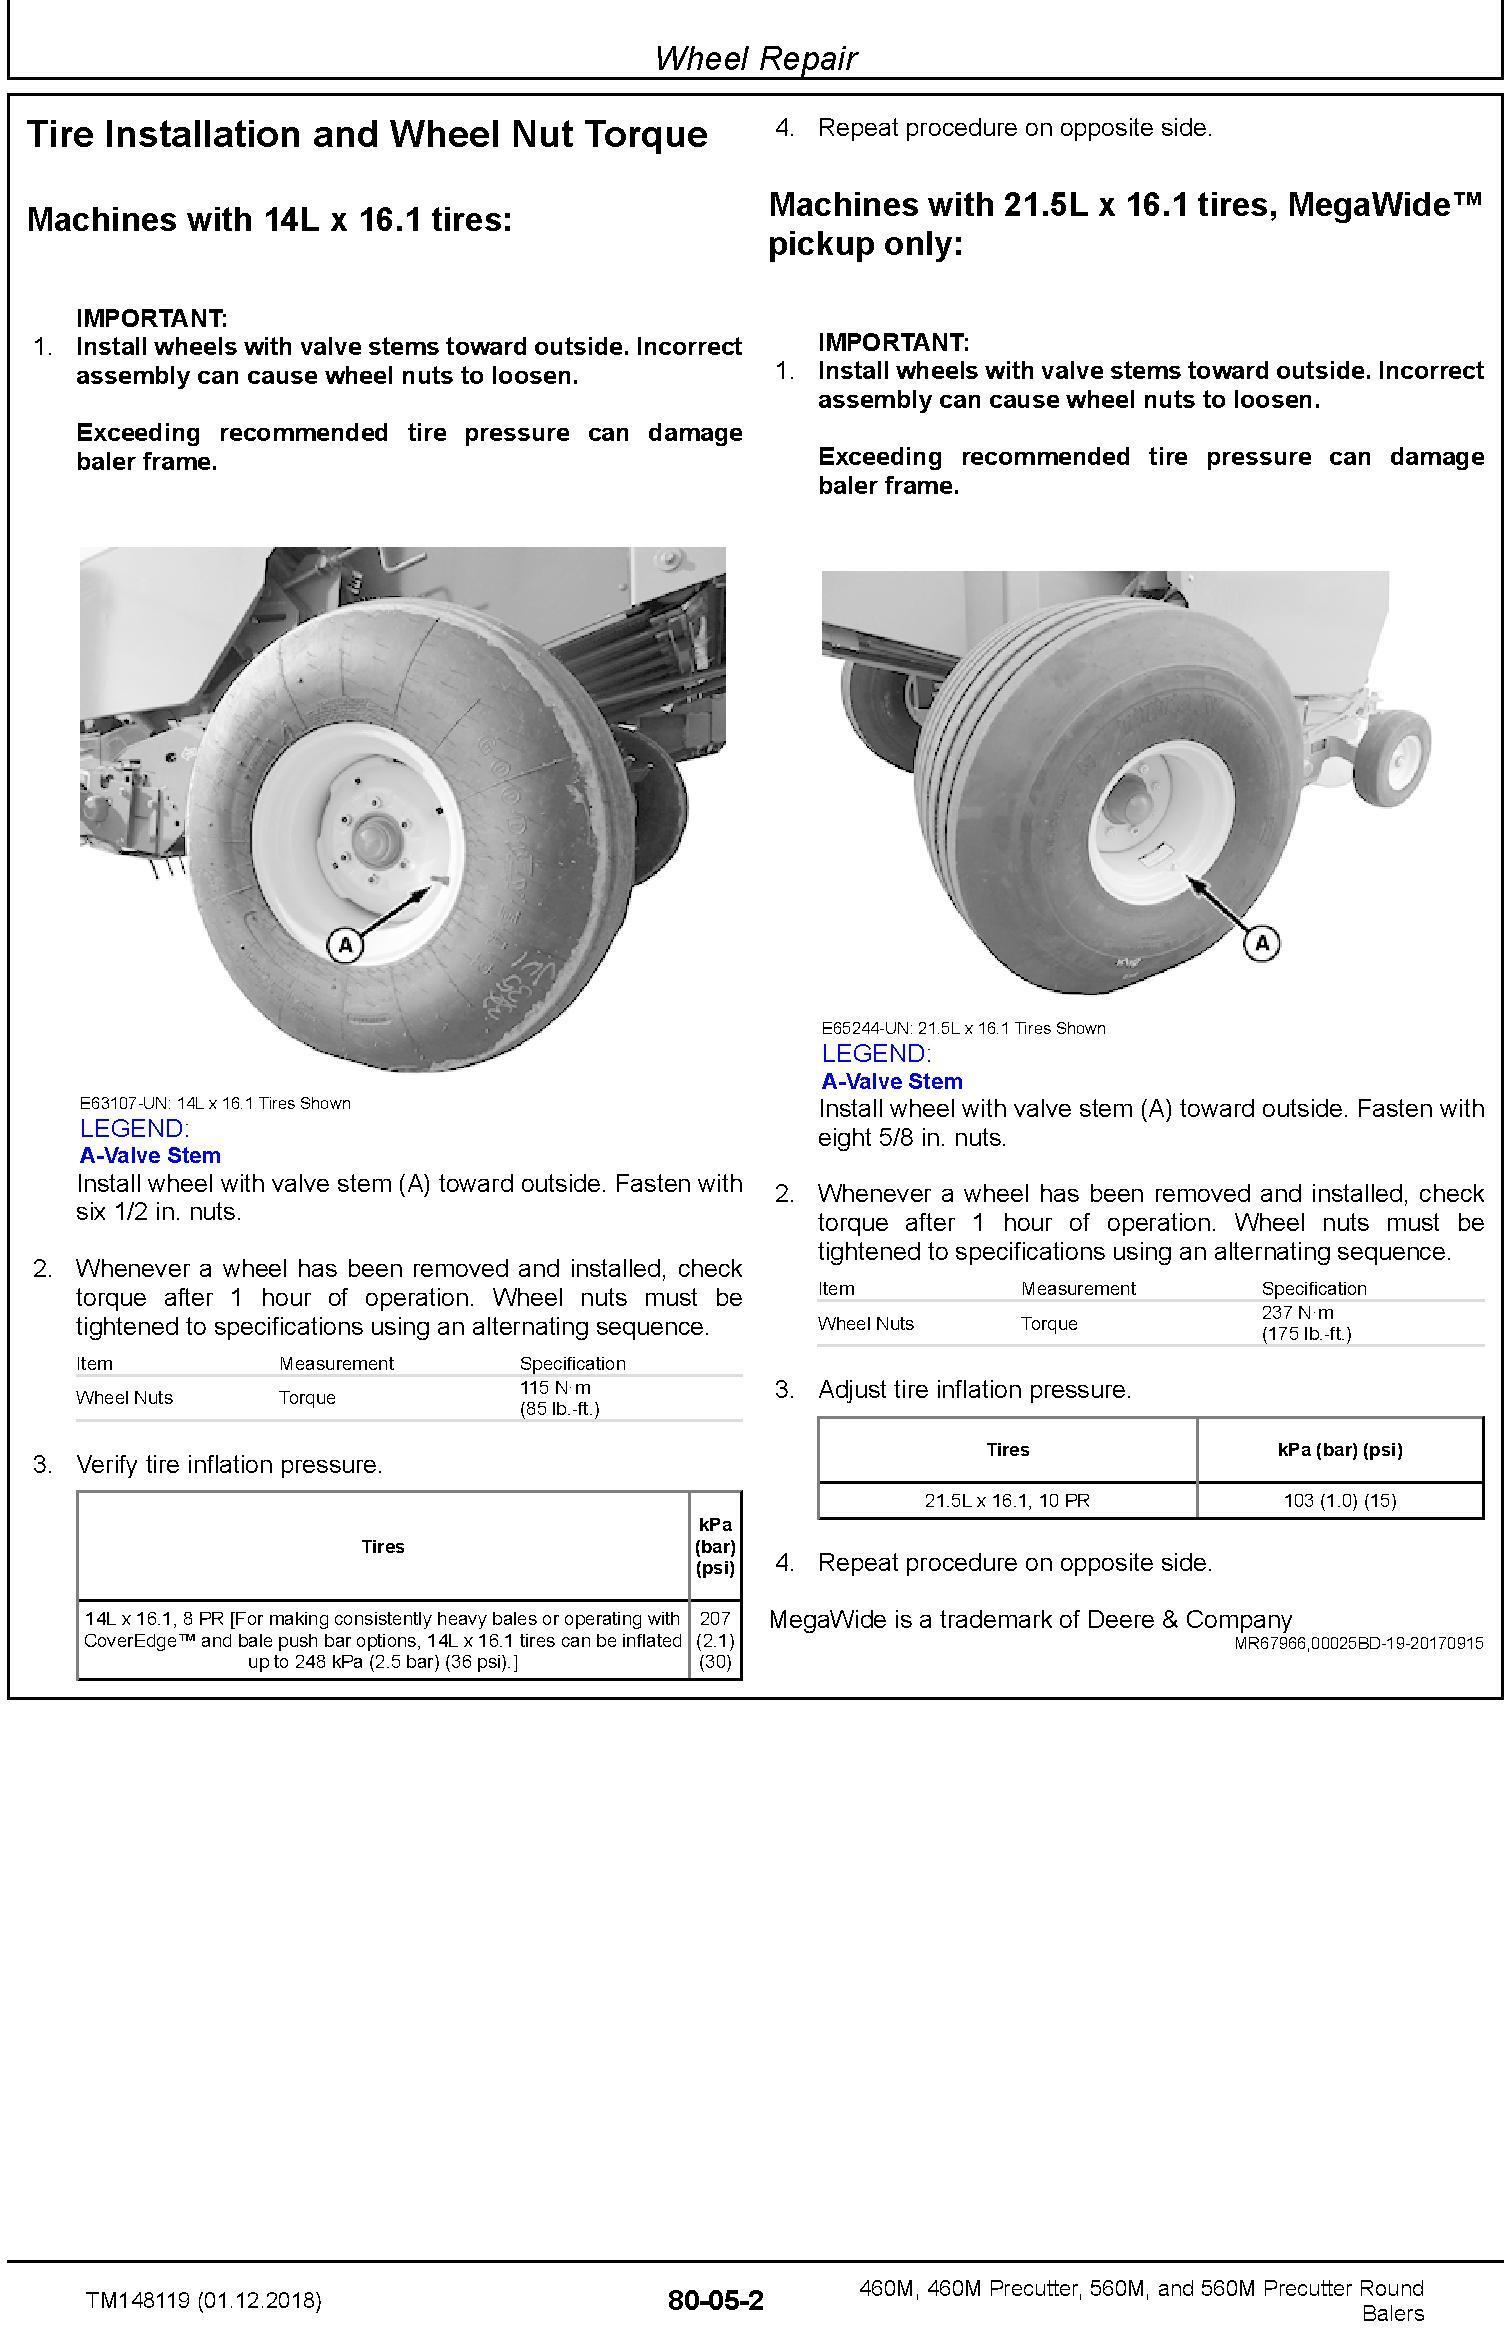 John Deere 460M, 460M Precutter, 560M, and 560M Precutter Round Balers Technical Manual (TM148119) - 2